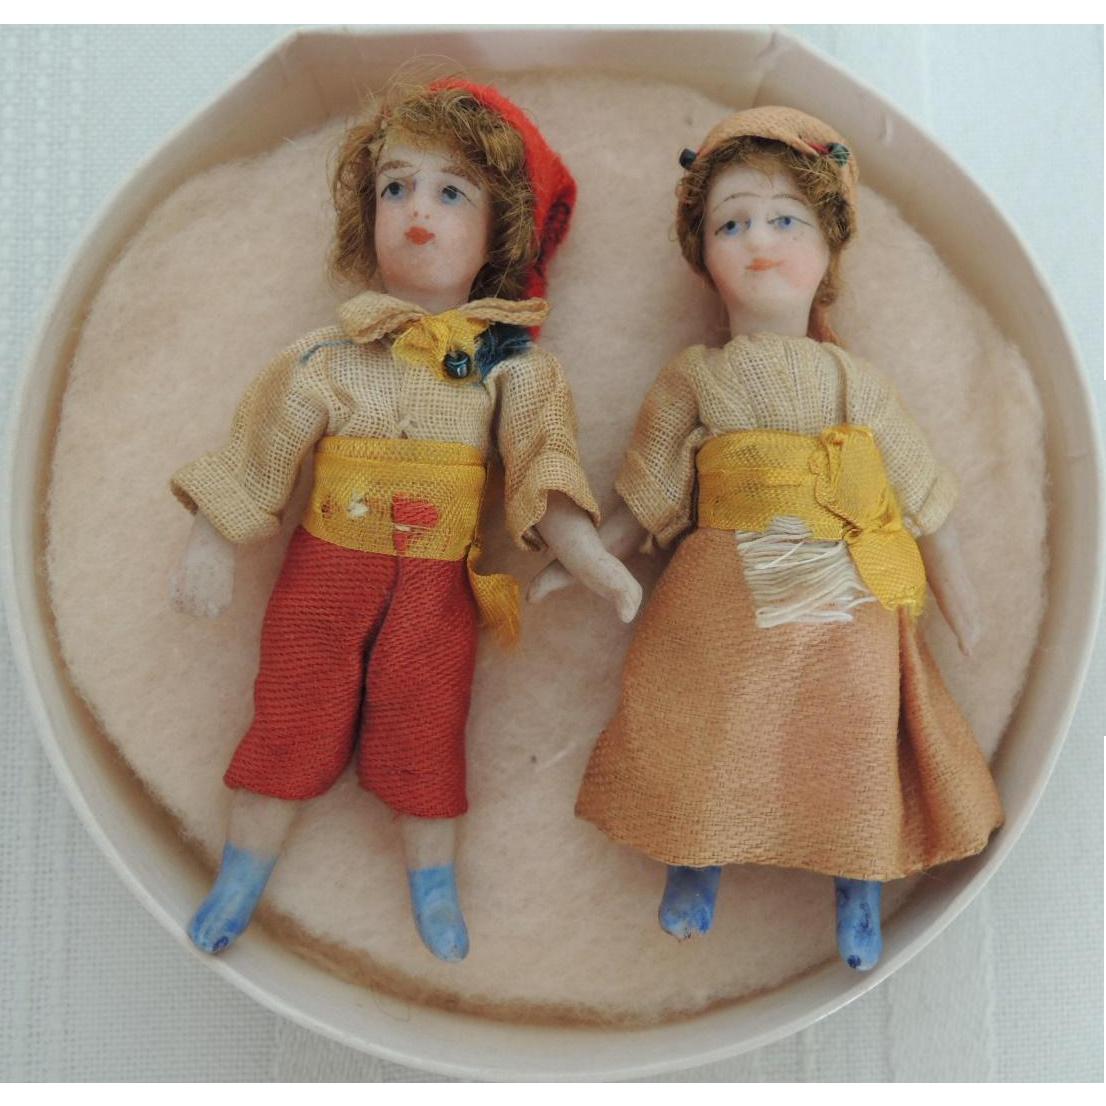 Lovely Tiny Pair of French SFBJ Lilliputian Children